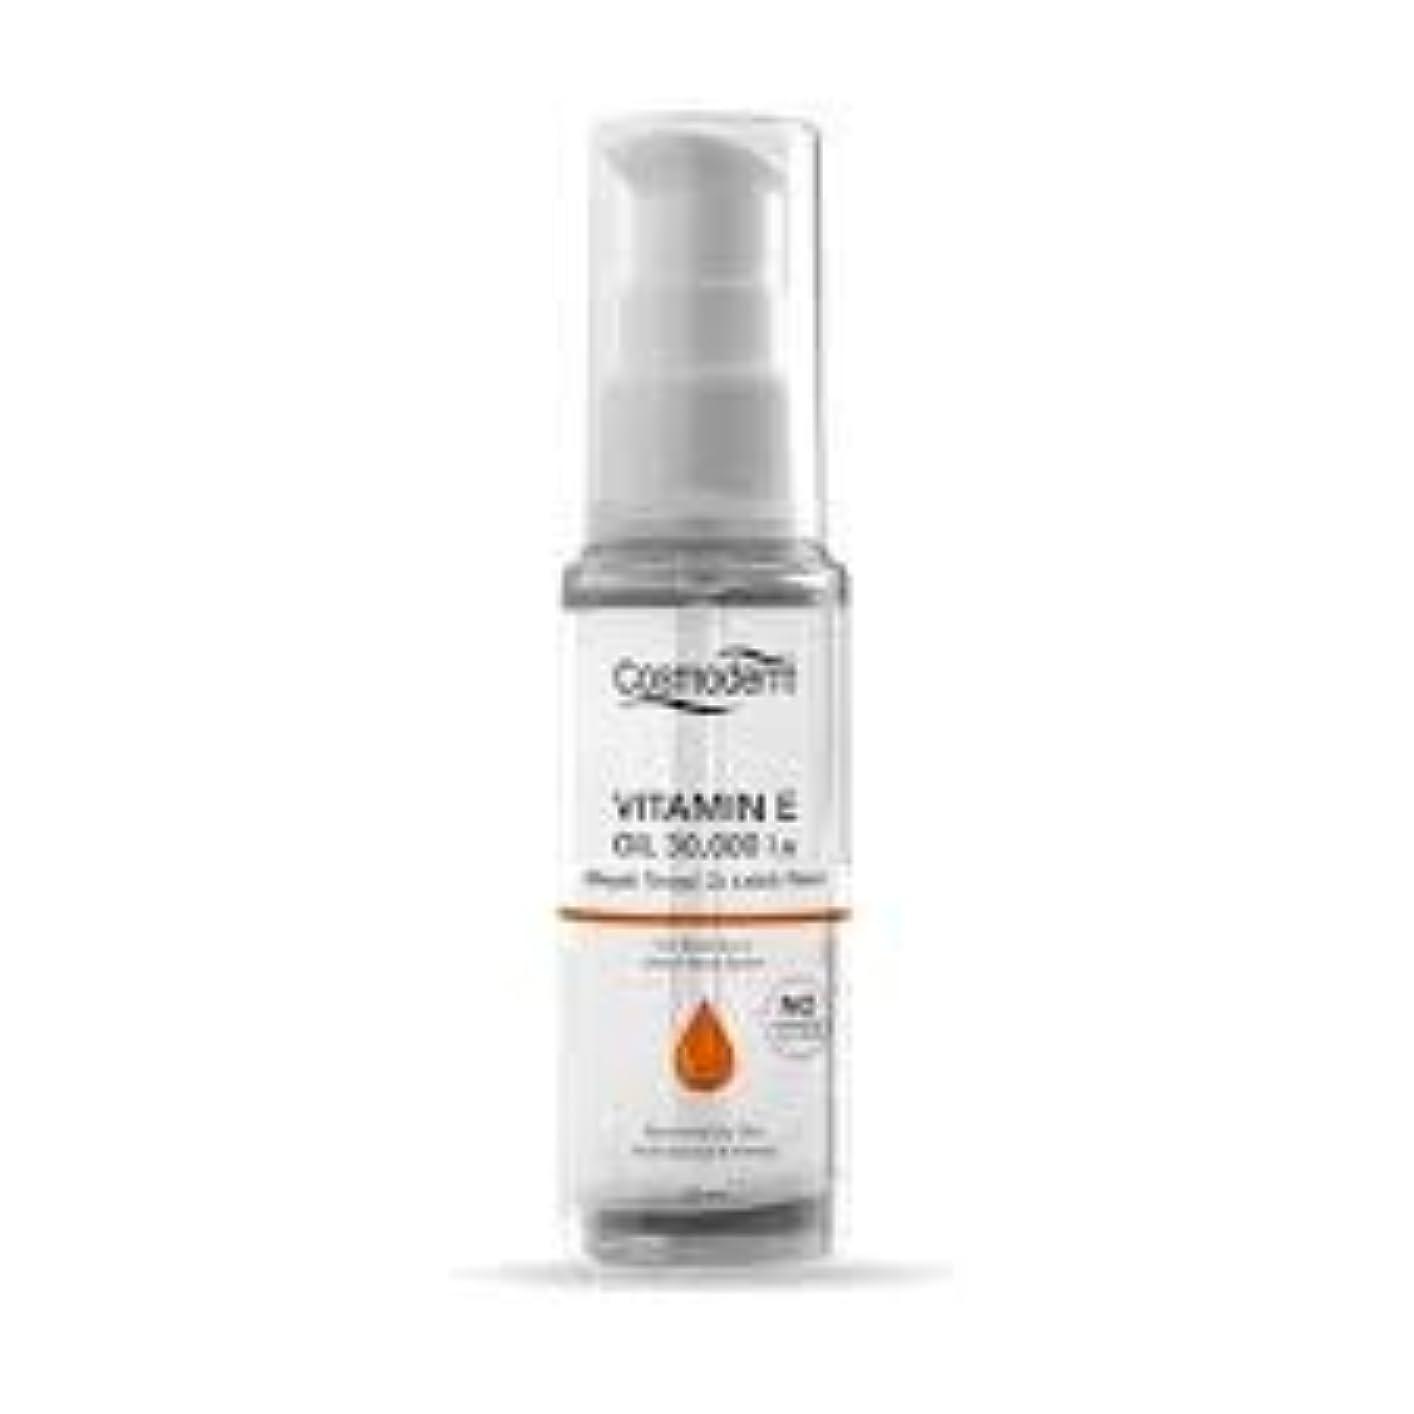 週間誇り一般COSMODERM ビタミンEオイル30,000iu 30ml - 顔や体のストレッチマーク、手術痕または事故による傷の見えにくさを軽減